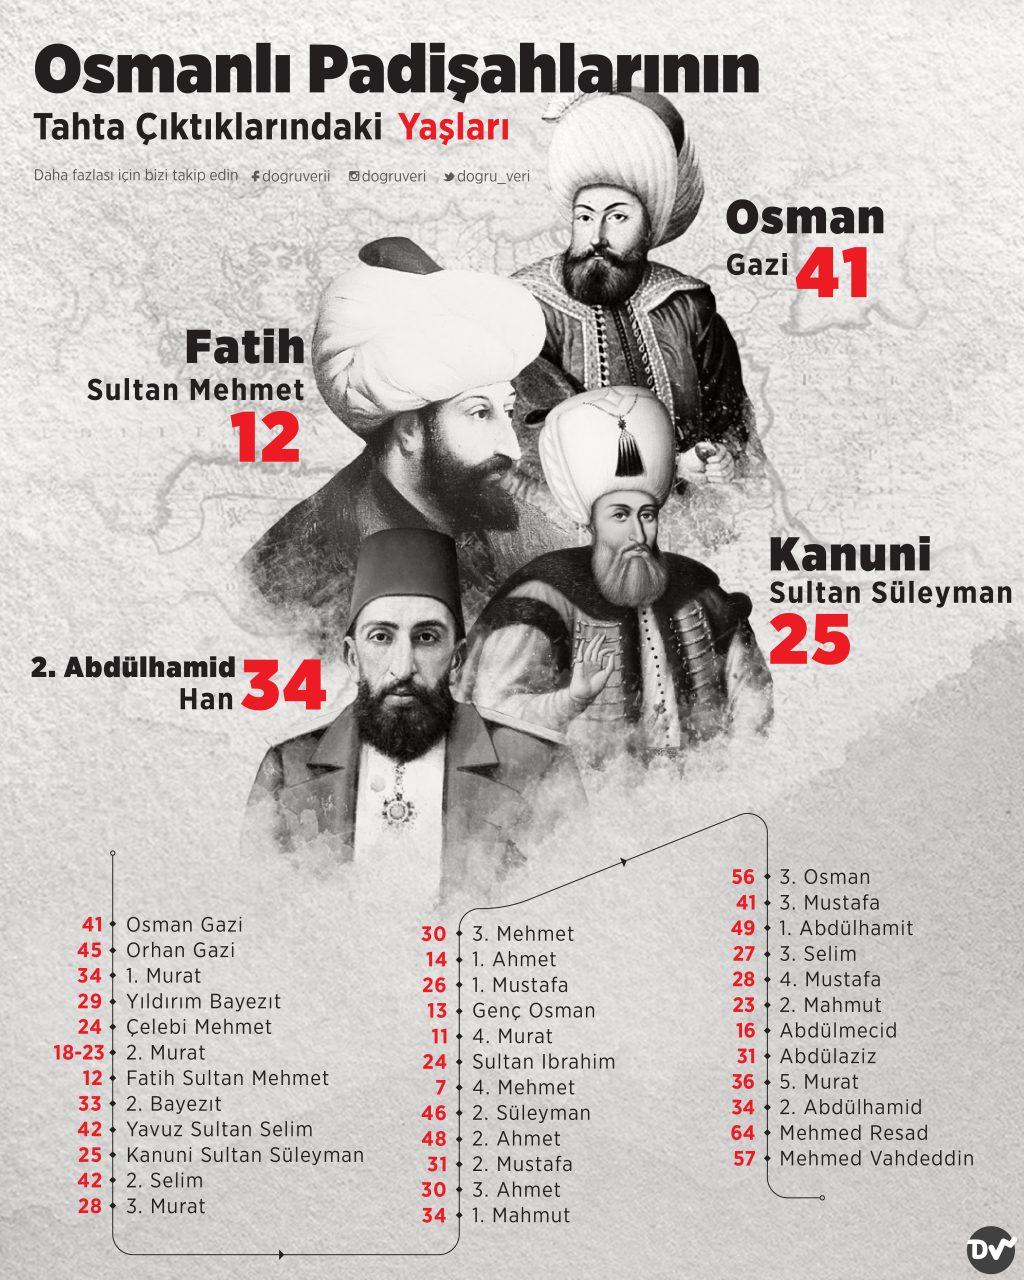 Osmanlı Padişahlarının Tahta Çıktıklarındaki Yaşları